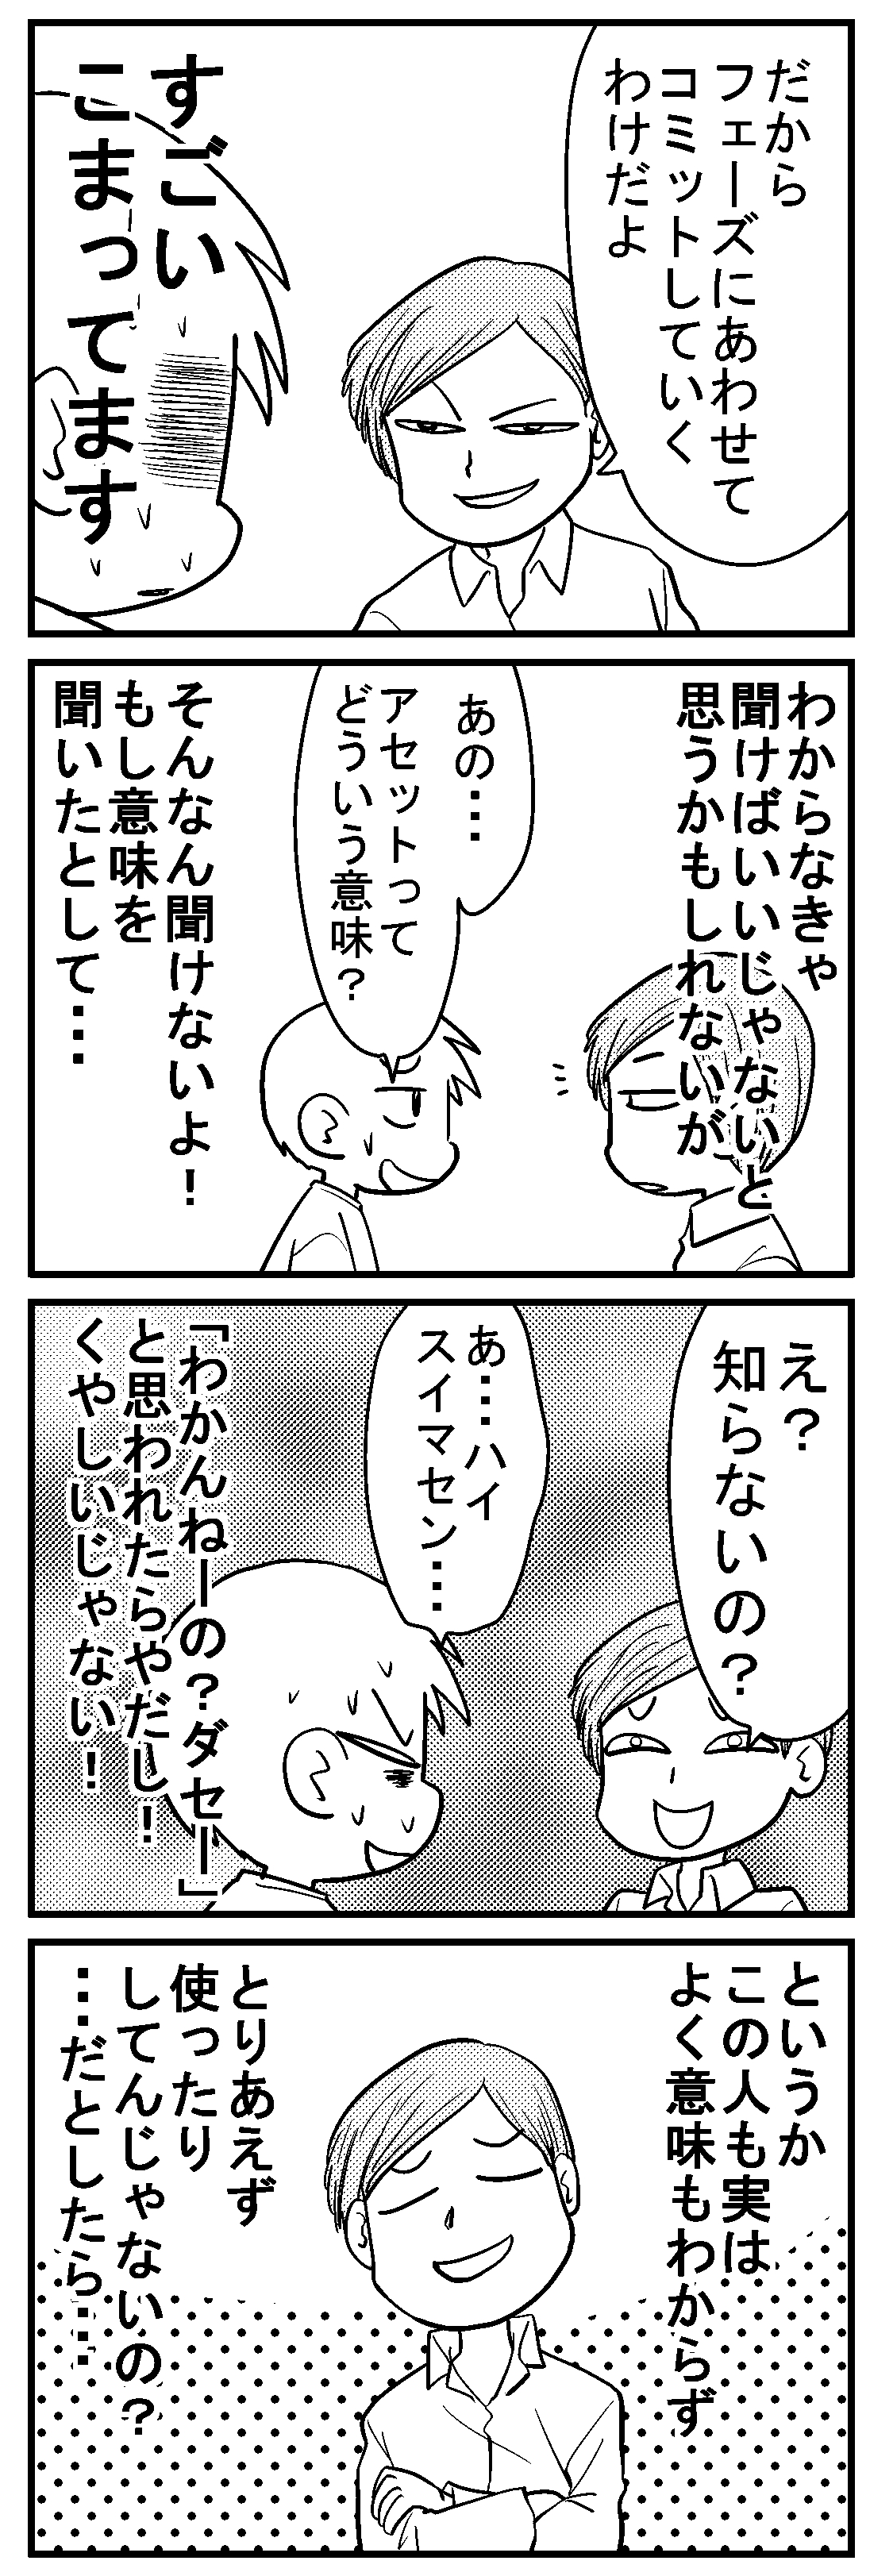 深読みくん31 2